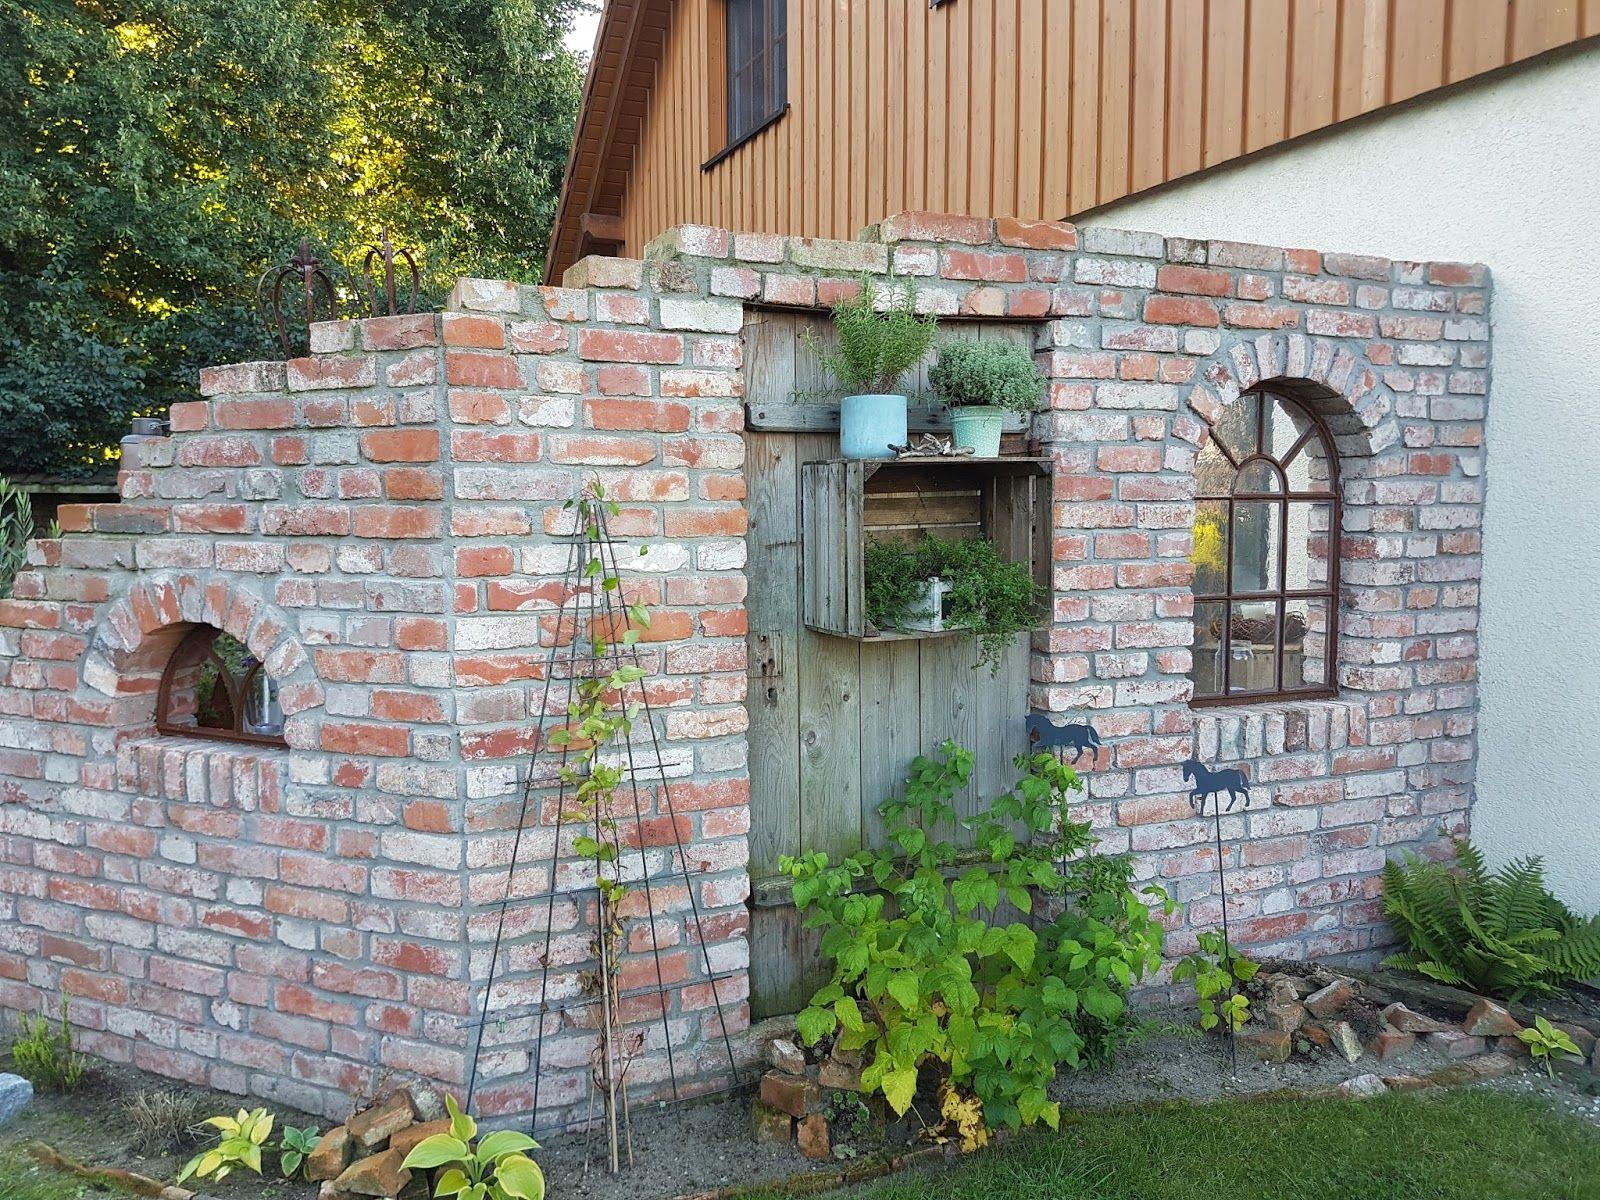 bildergebnis f r ruinenmauer sichtschutz garten pinterest garten garten ideen und ruinen. Black Bedroom Furniture Sets. Home Design Ideas